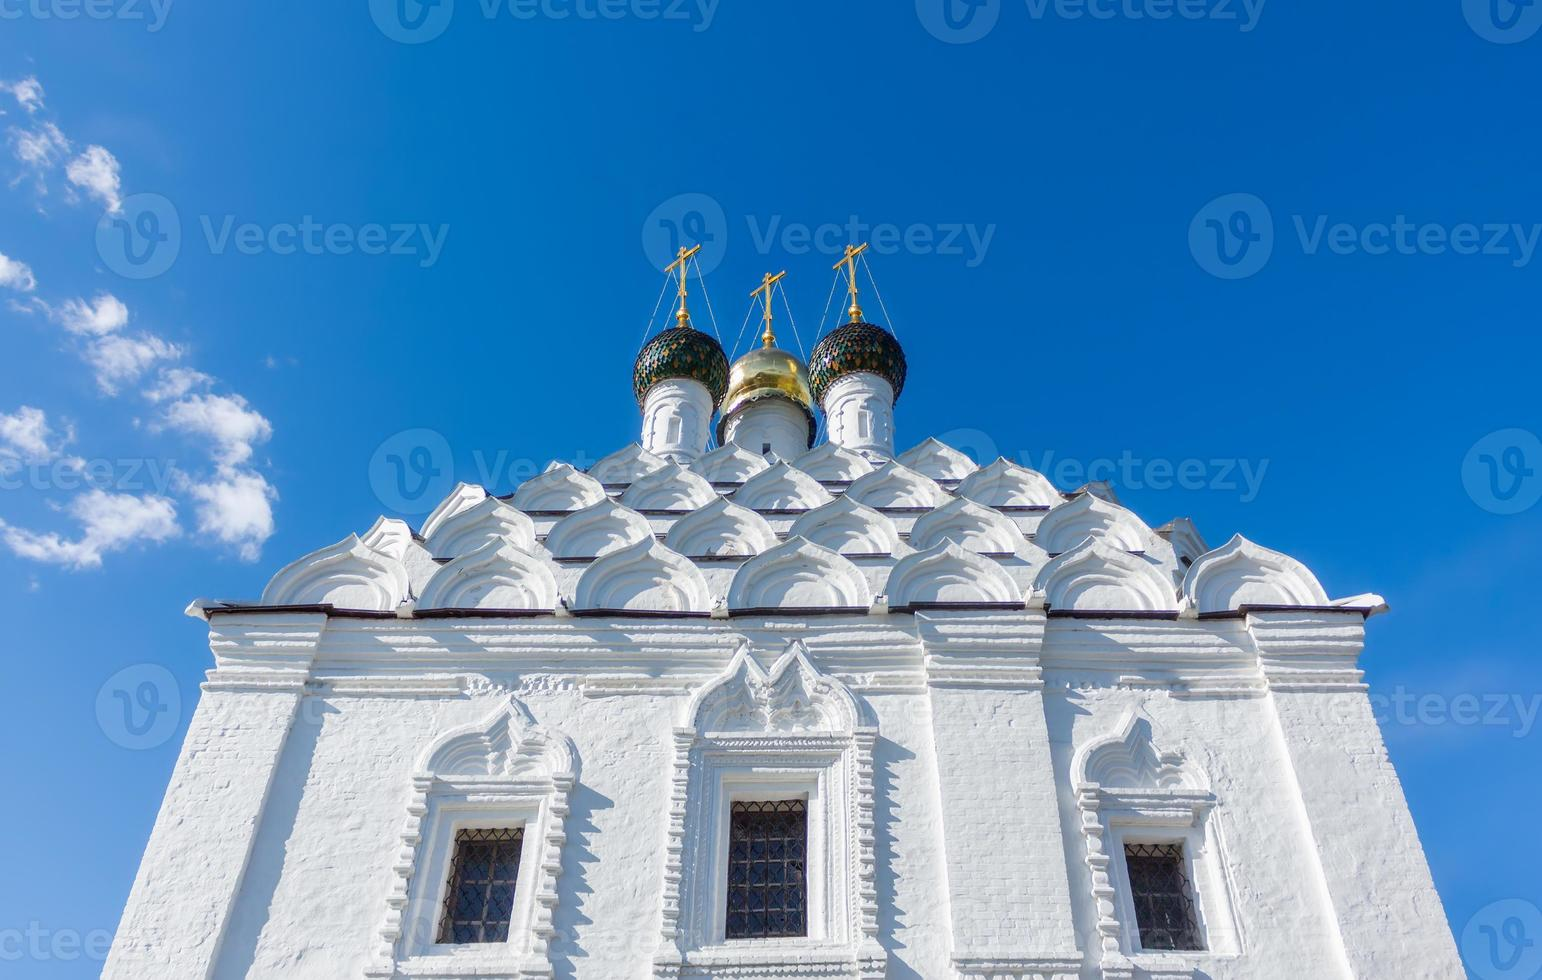 kupoler och kokoshniks i kyrkan i Kolomna på foto